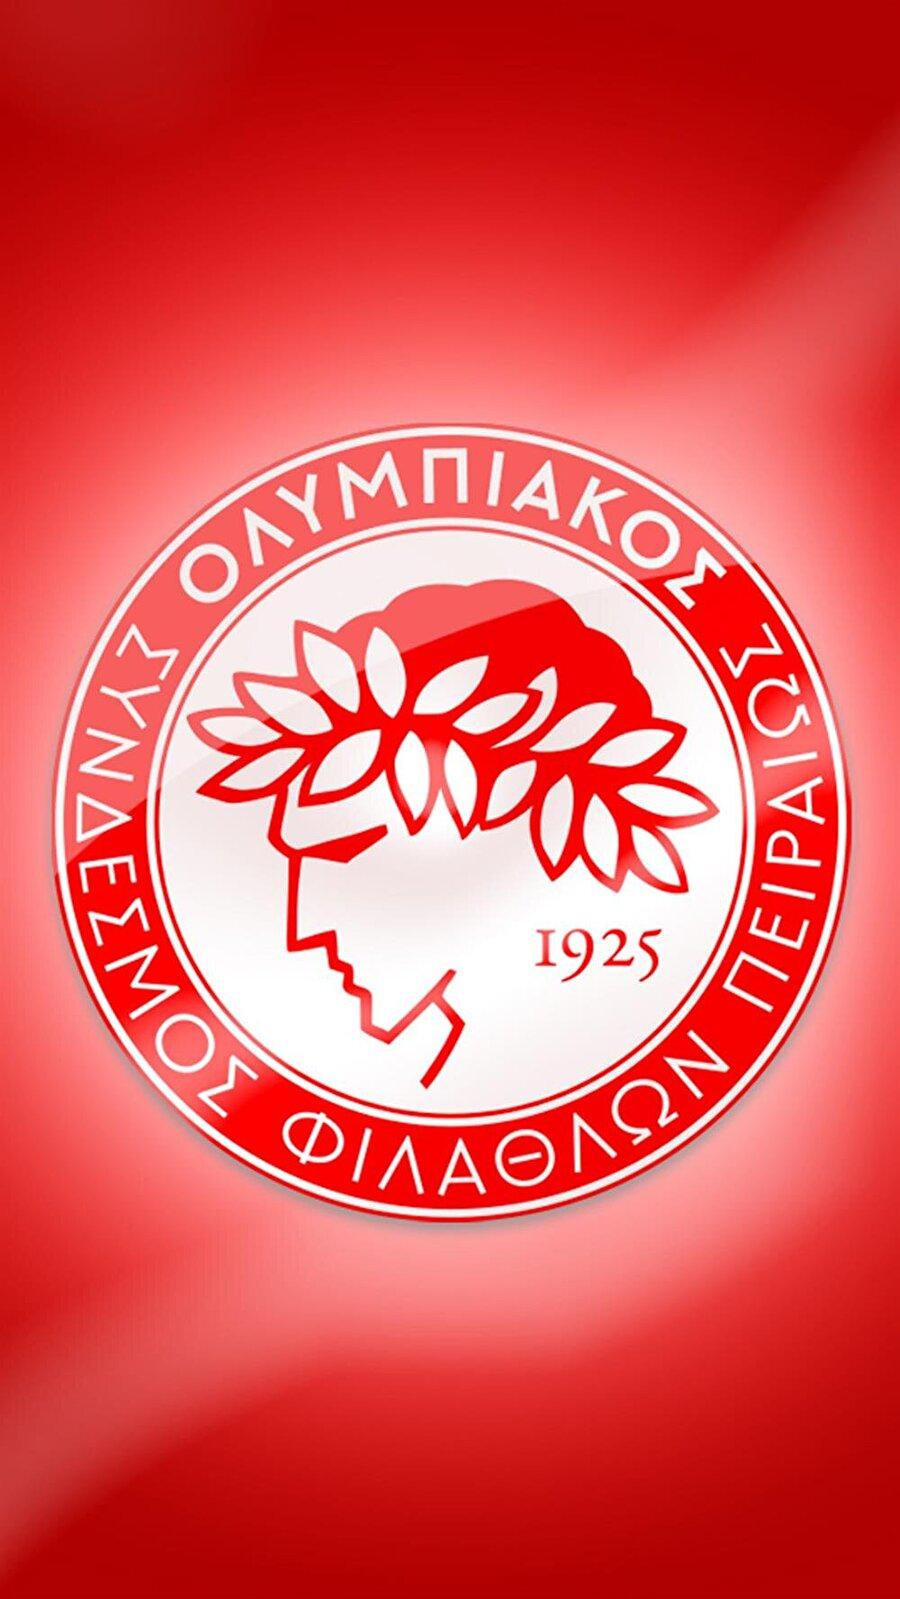 Olympiakos 'Piraeus Football Club' ve 'Piraeus Fan Club' takımlarının birleşmesiyle 1925 yılında Olympiakos Kulübü kuruldu. Olimpiyat ruhundan esinlenilerek Olympiakos adını alan kulübün logosunda da olimpiyat simgeleri yer alıyor. Amblemde, olimpiyat ruhunu yansıtan bir olimpiyat sporcusunun figürü yer alıyor. Sporcunun başındaki taç ise Yunan mitolojisinde seçkinlik, yücelik anlamlarını ifade ediyor.